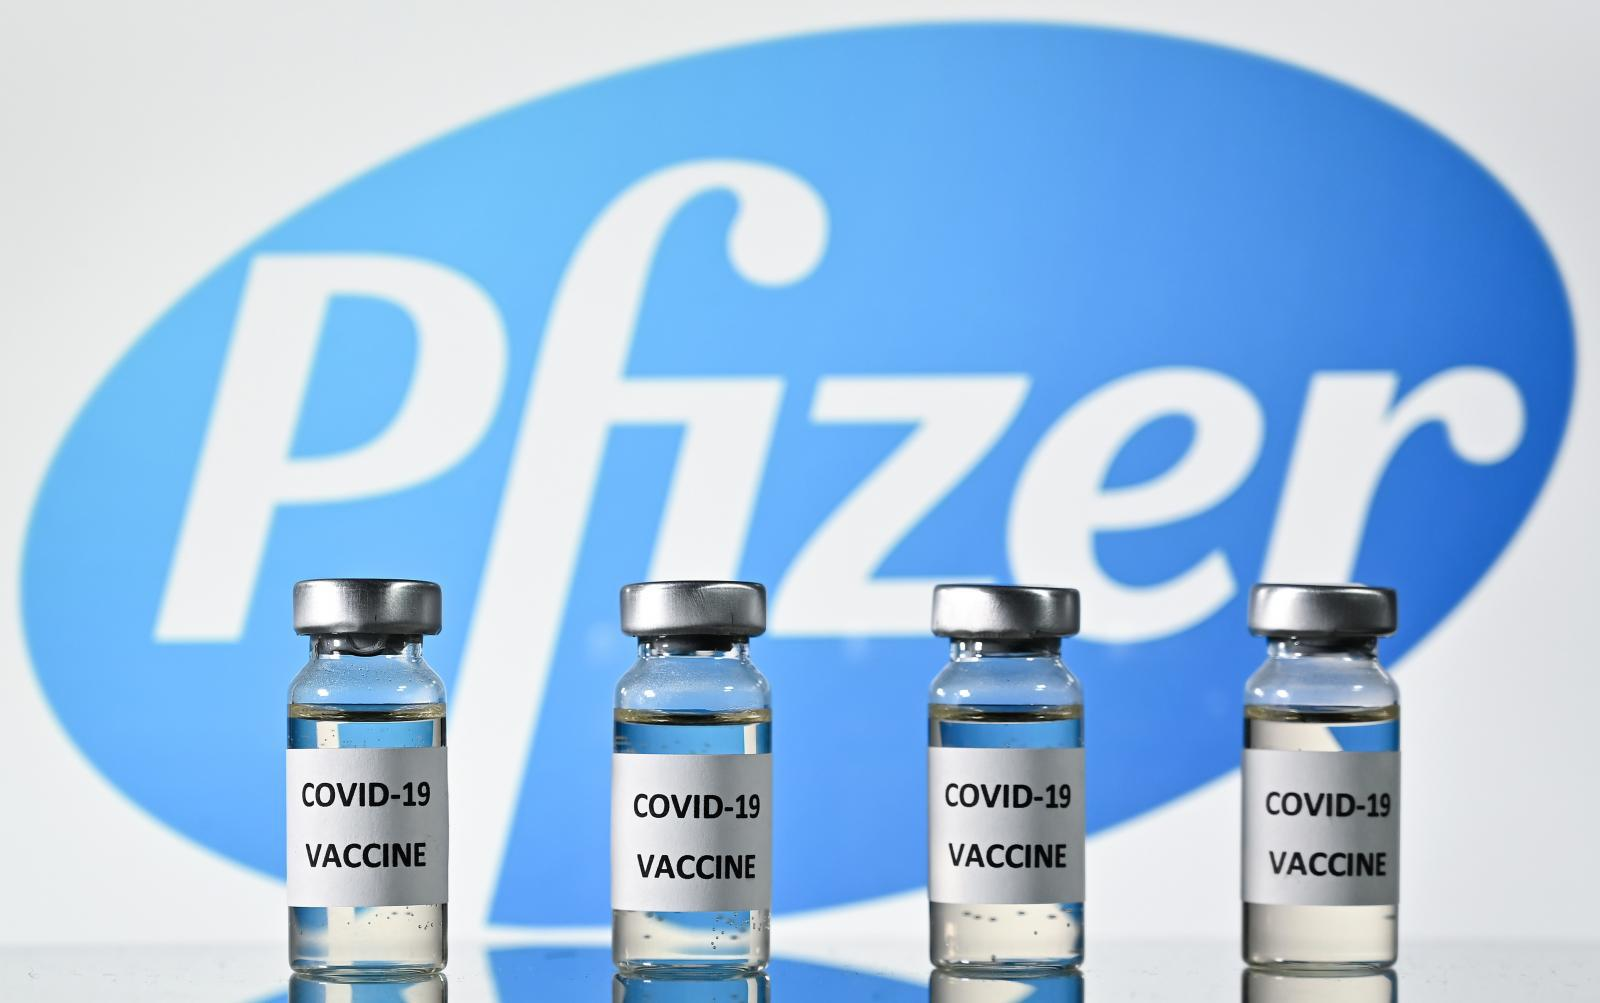 สหรัฐฯ-เยอรมนี-อังกฤษ เล็งฉีดวัคซีนโควิด-19 ชุดแรก 11 ธ.ค.นี้